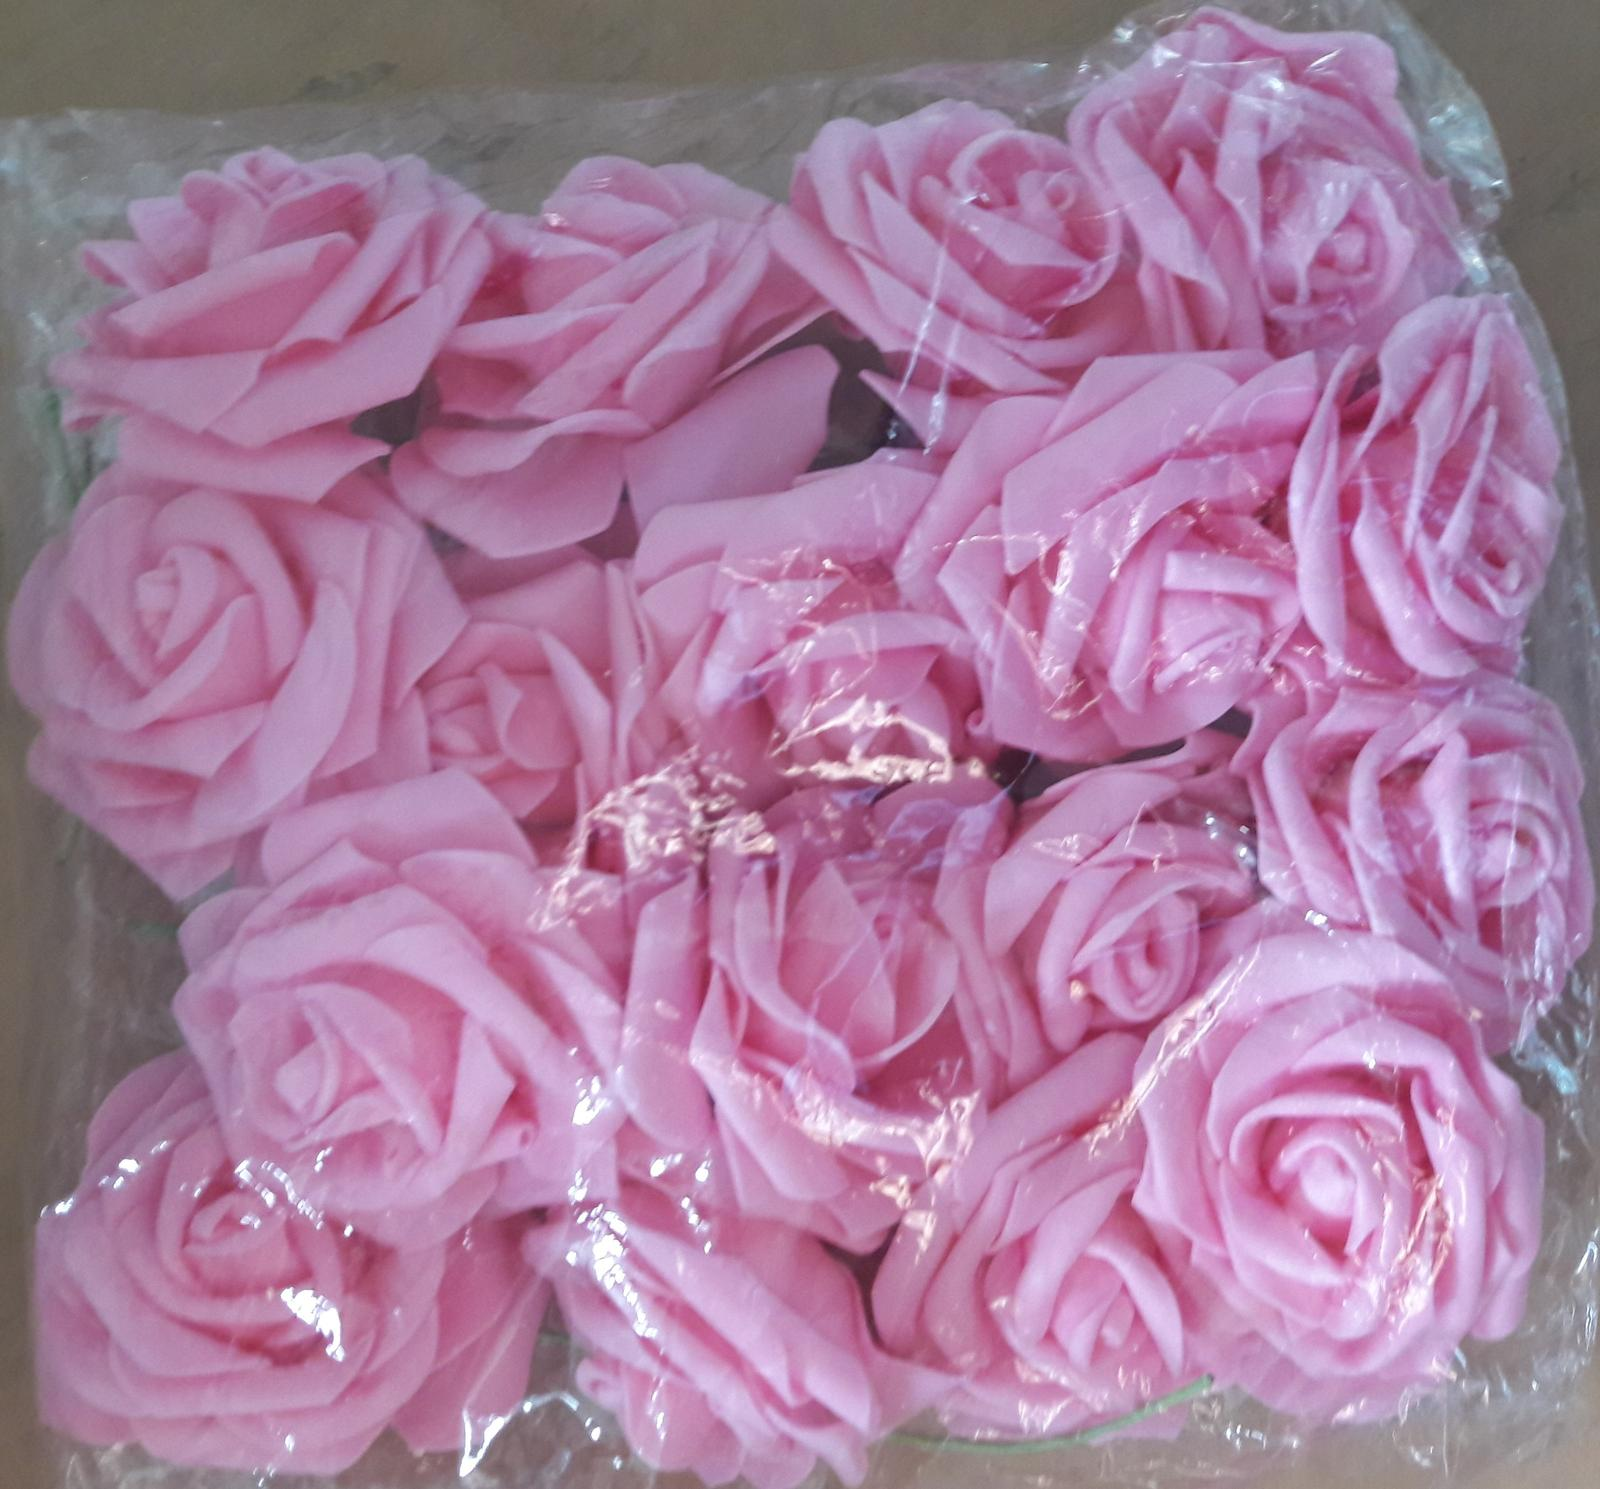 Svadobné ružičky umelé - Obrázok č. 1